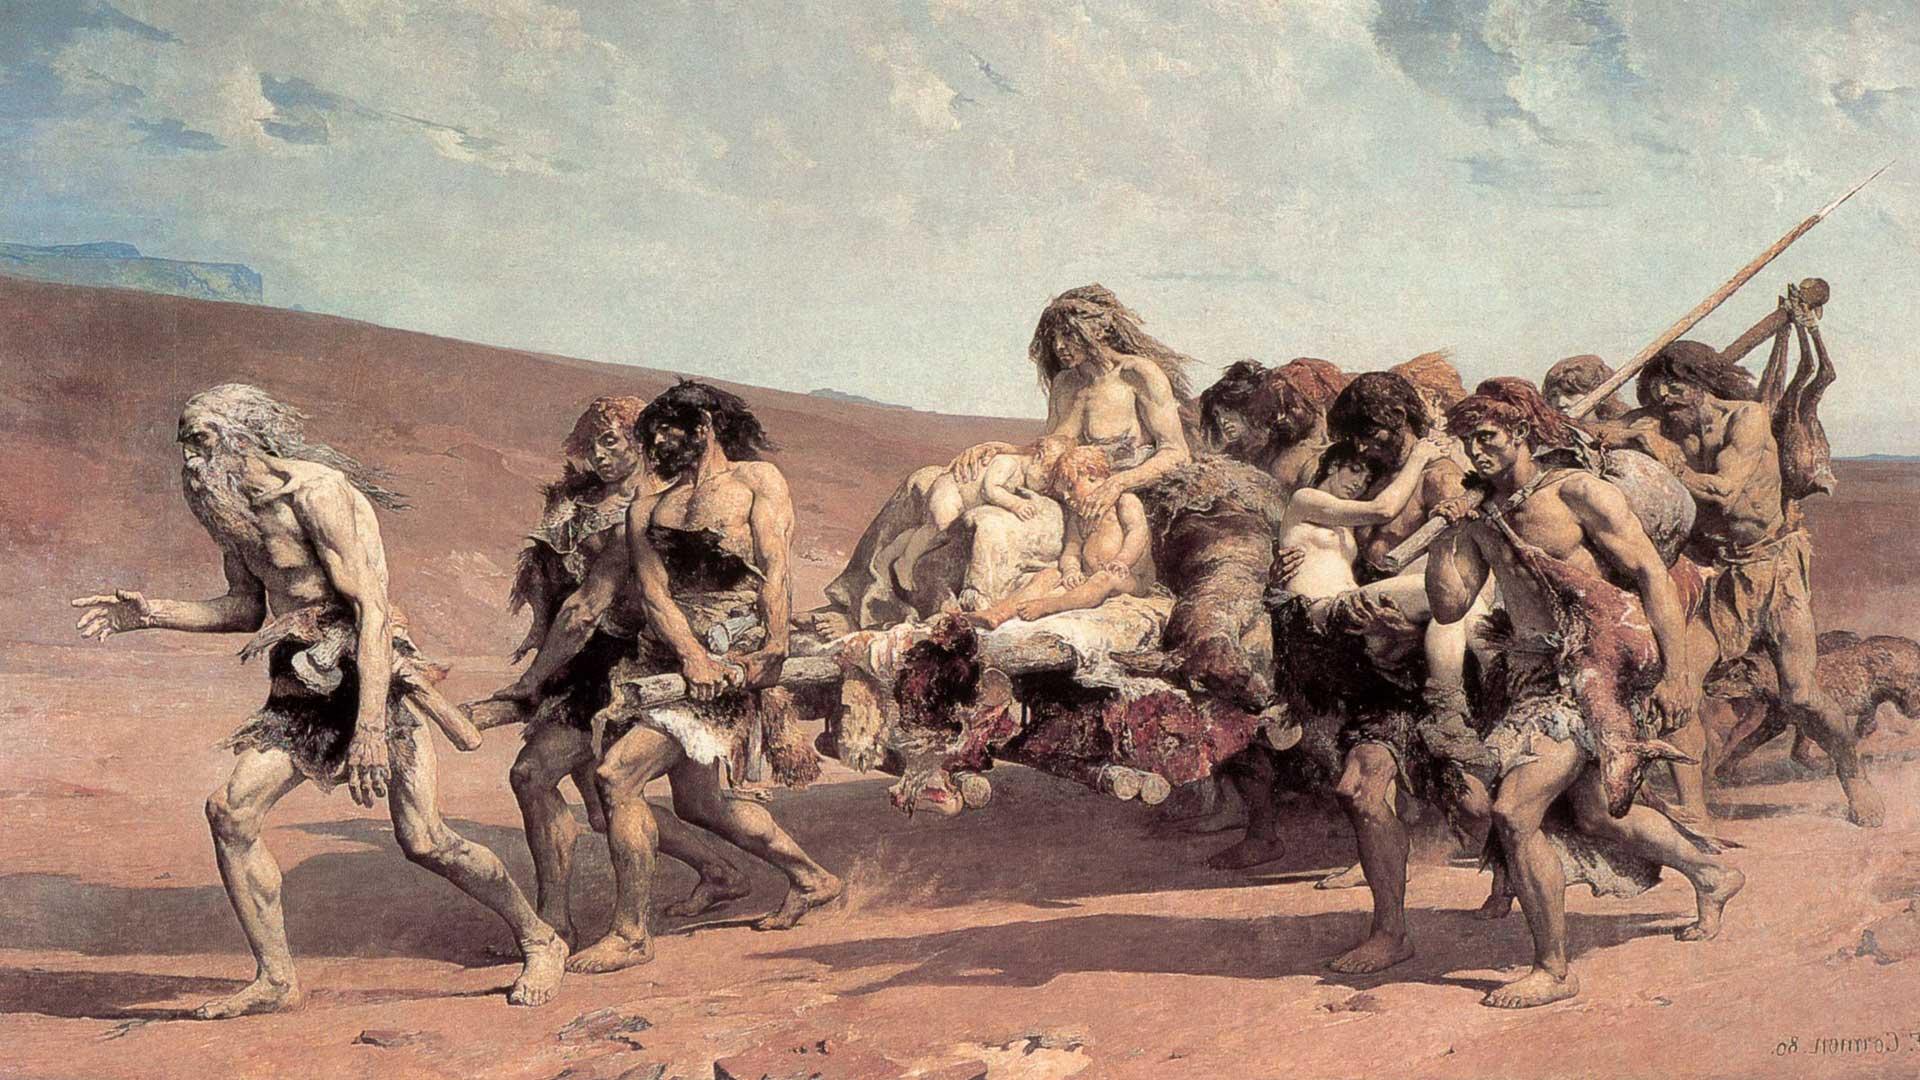 La historia de los Igigi, los dioses que se enfrentaron a los Anunnakis